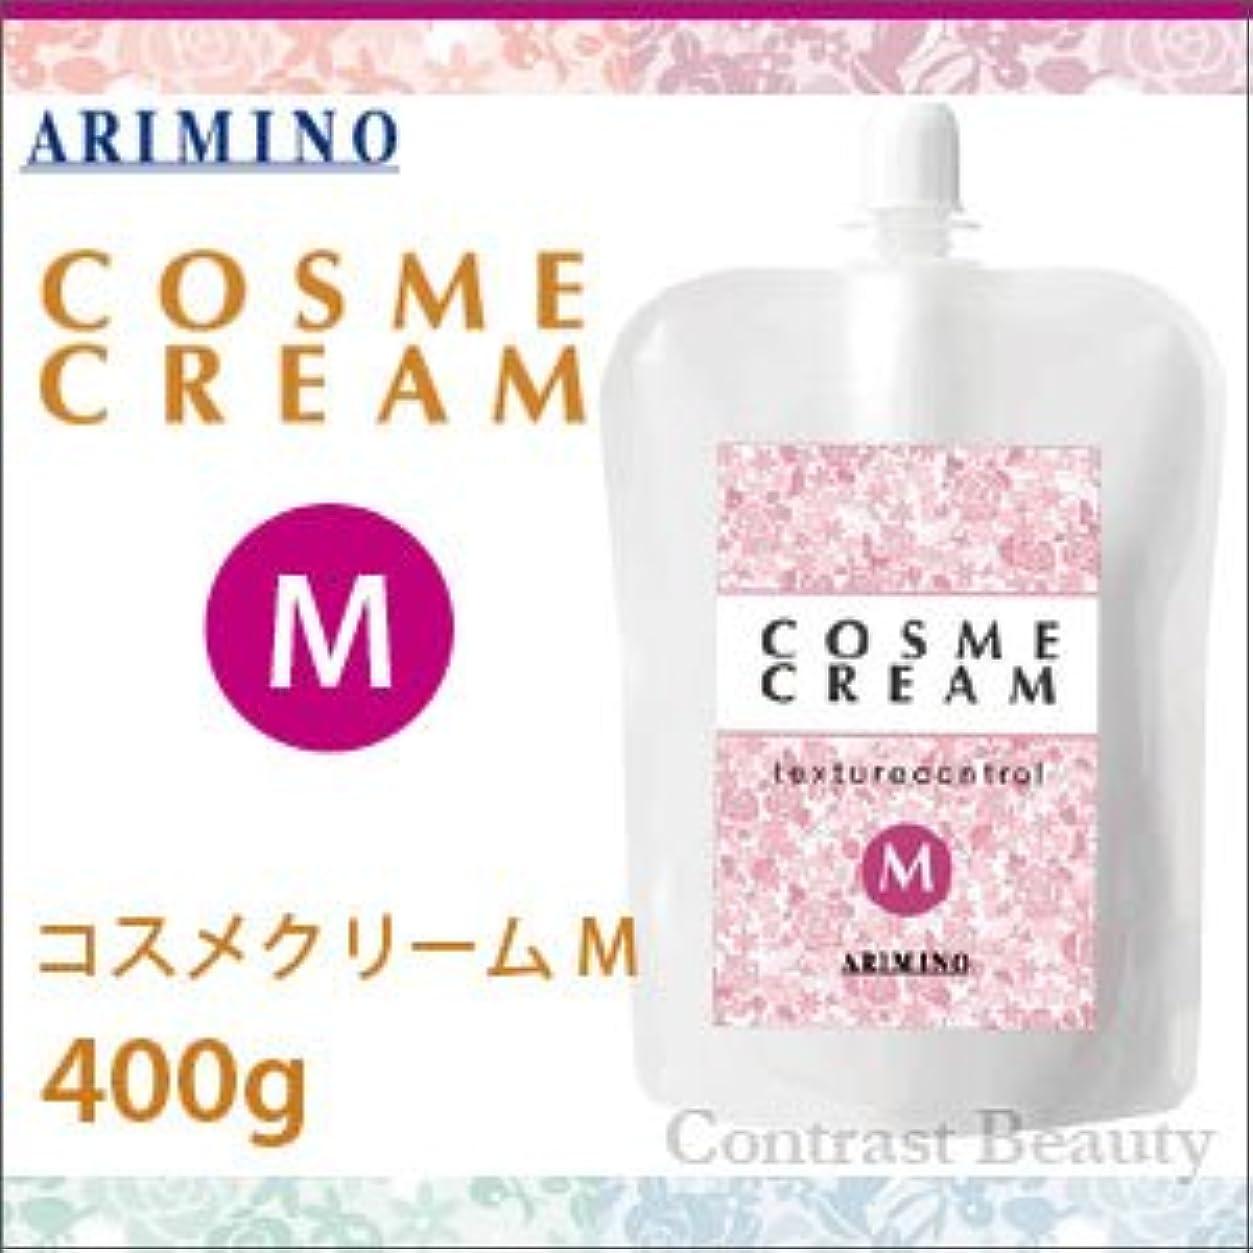 適用済み別の上下するアリミノ コスメクリーム M 400g